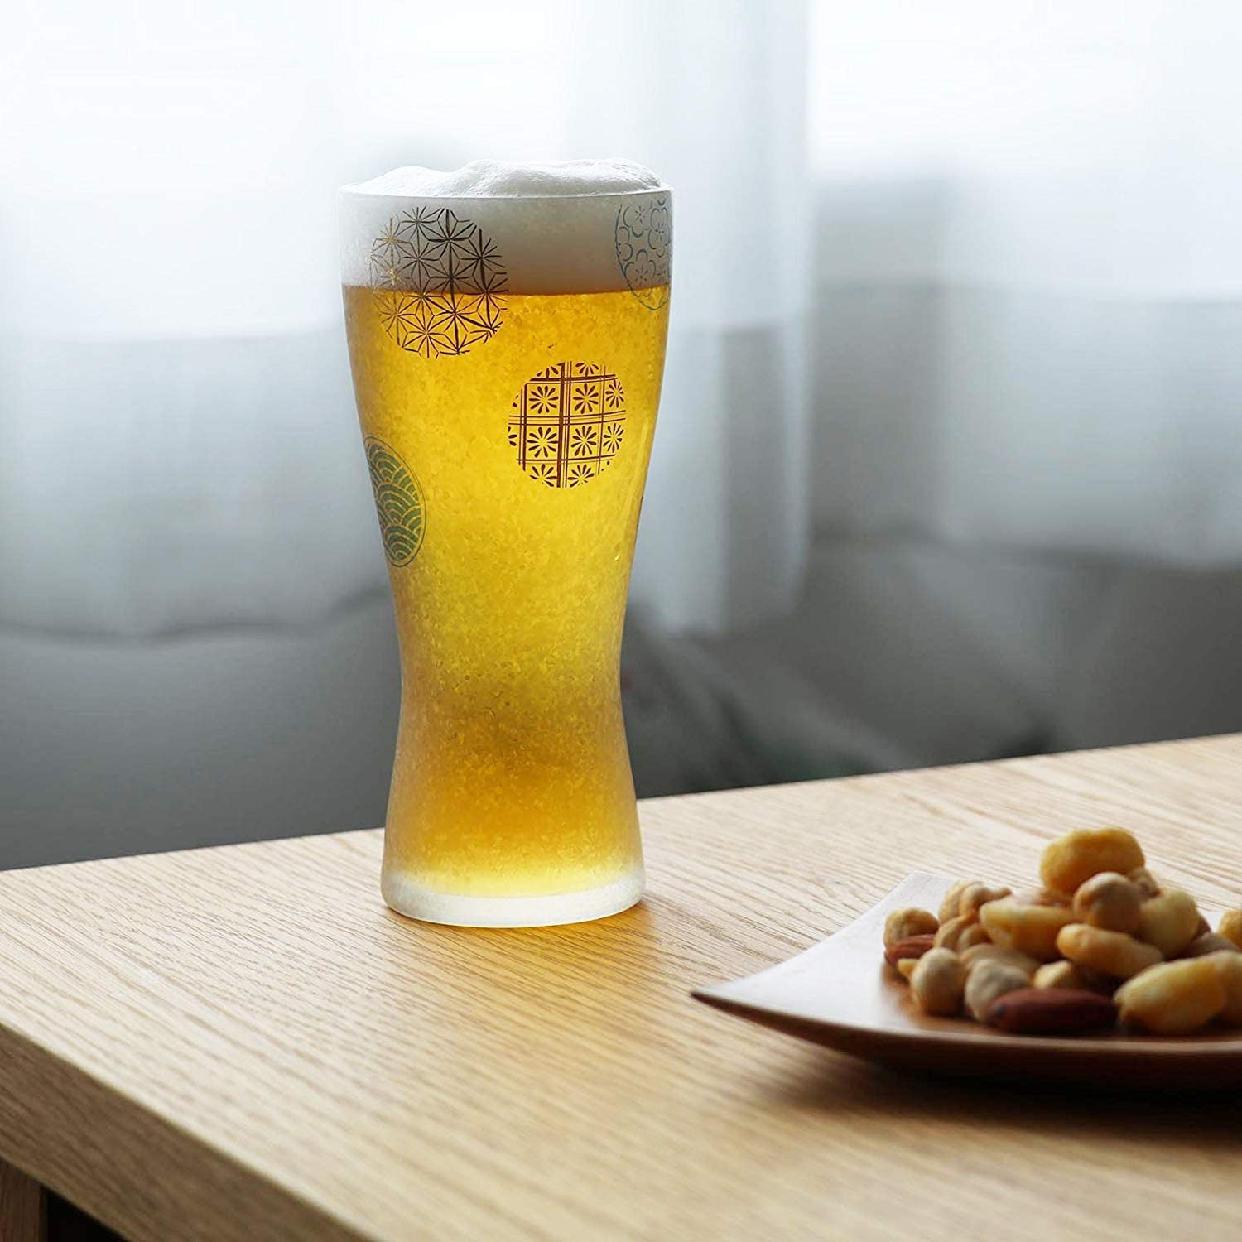 ADERIA(アデリア) ビールグラスの商品画像5